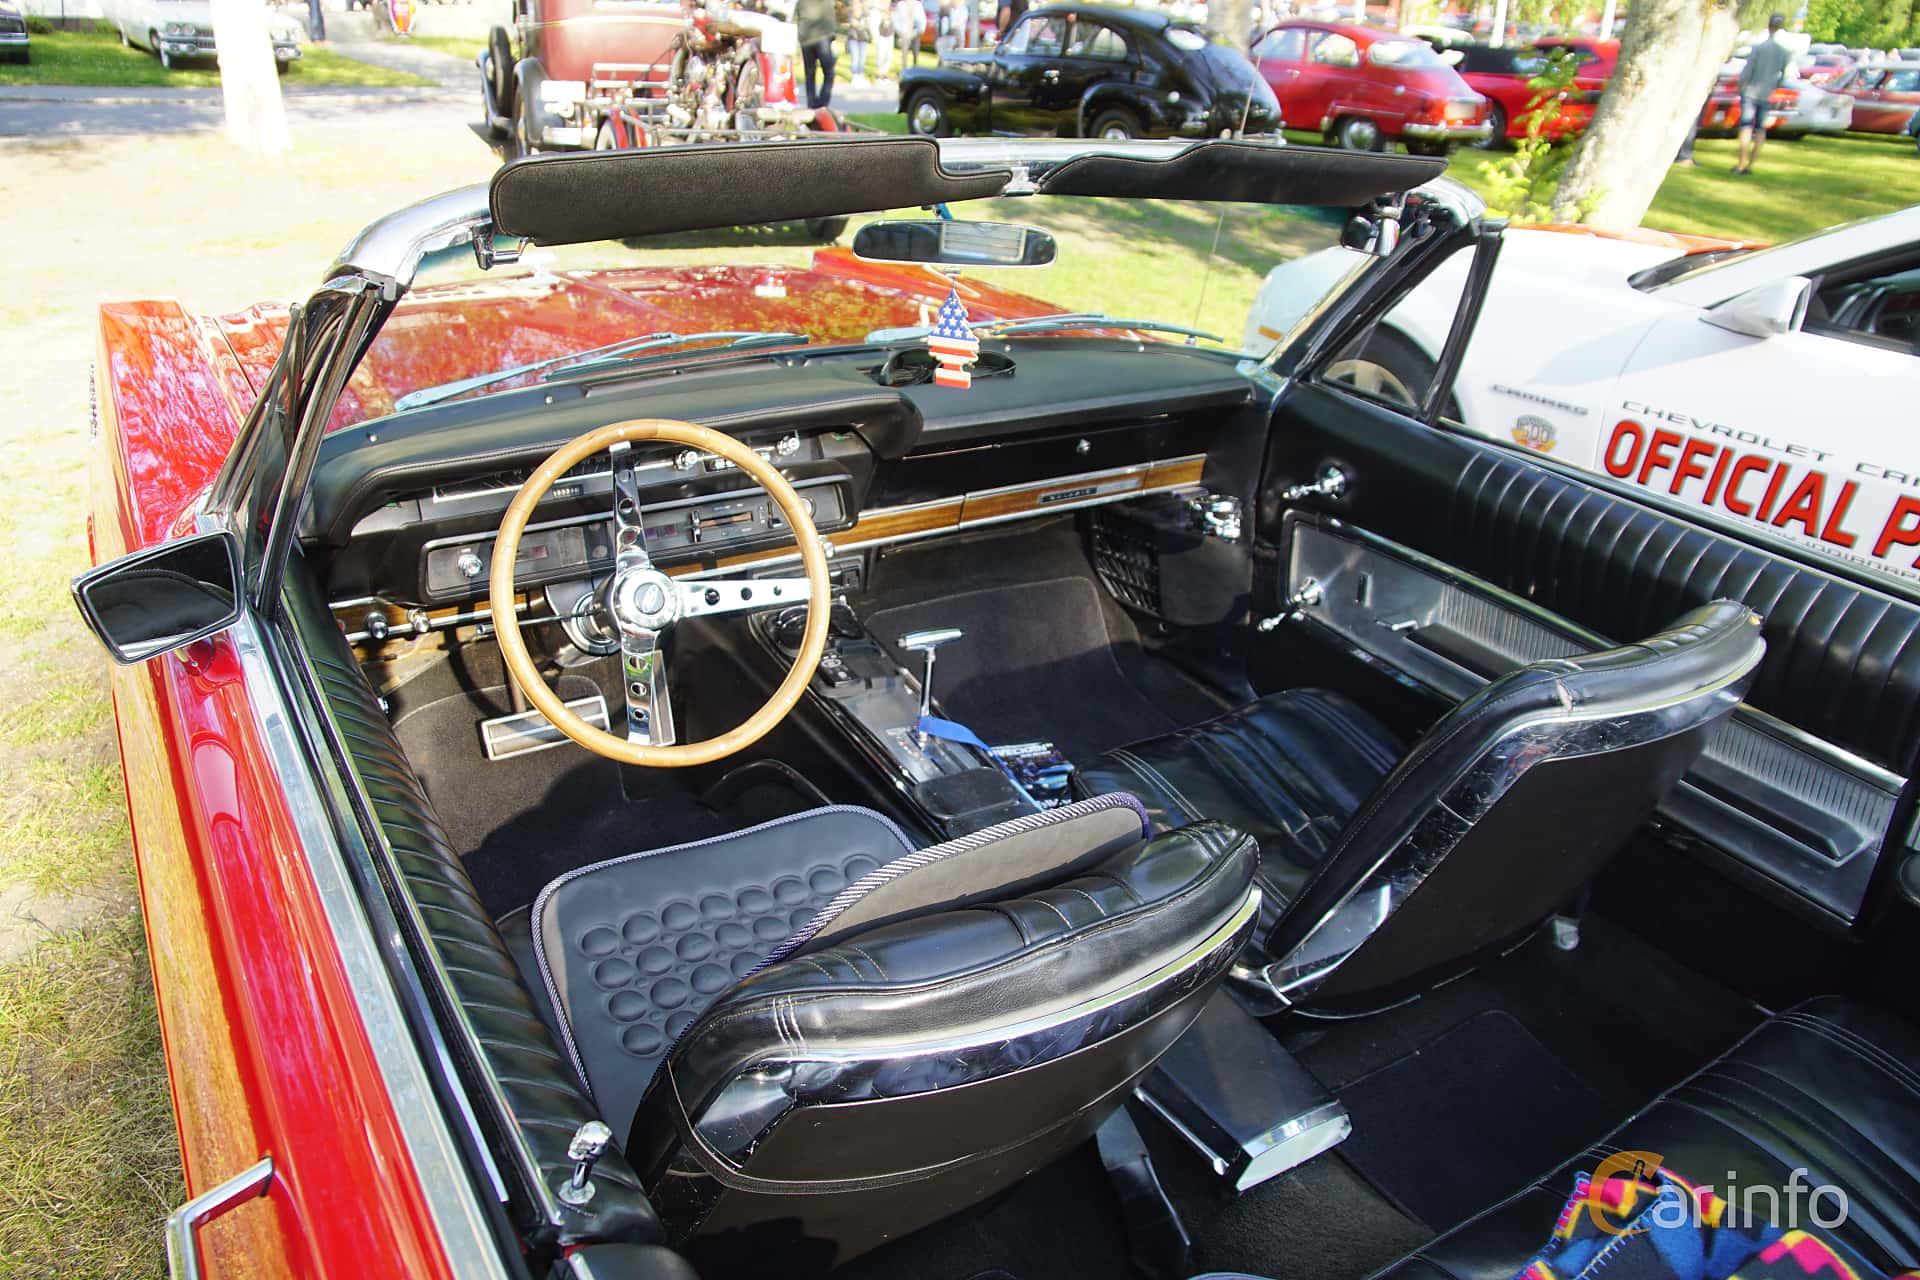 Ford Galaxie 500/XL Convertible 6.4 V8 Automatic, 305hp, 1965 at Onsdagsträffar på Gammlia Umeå 2019 vecka 28